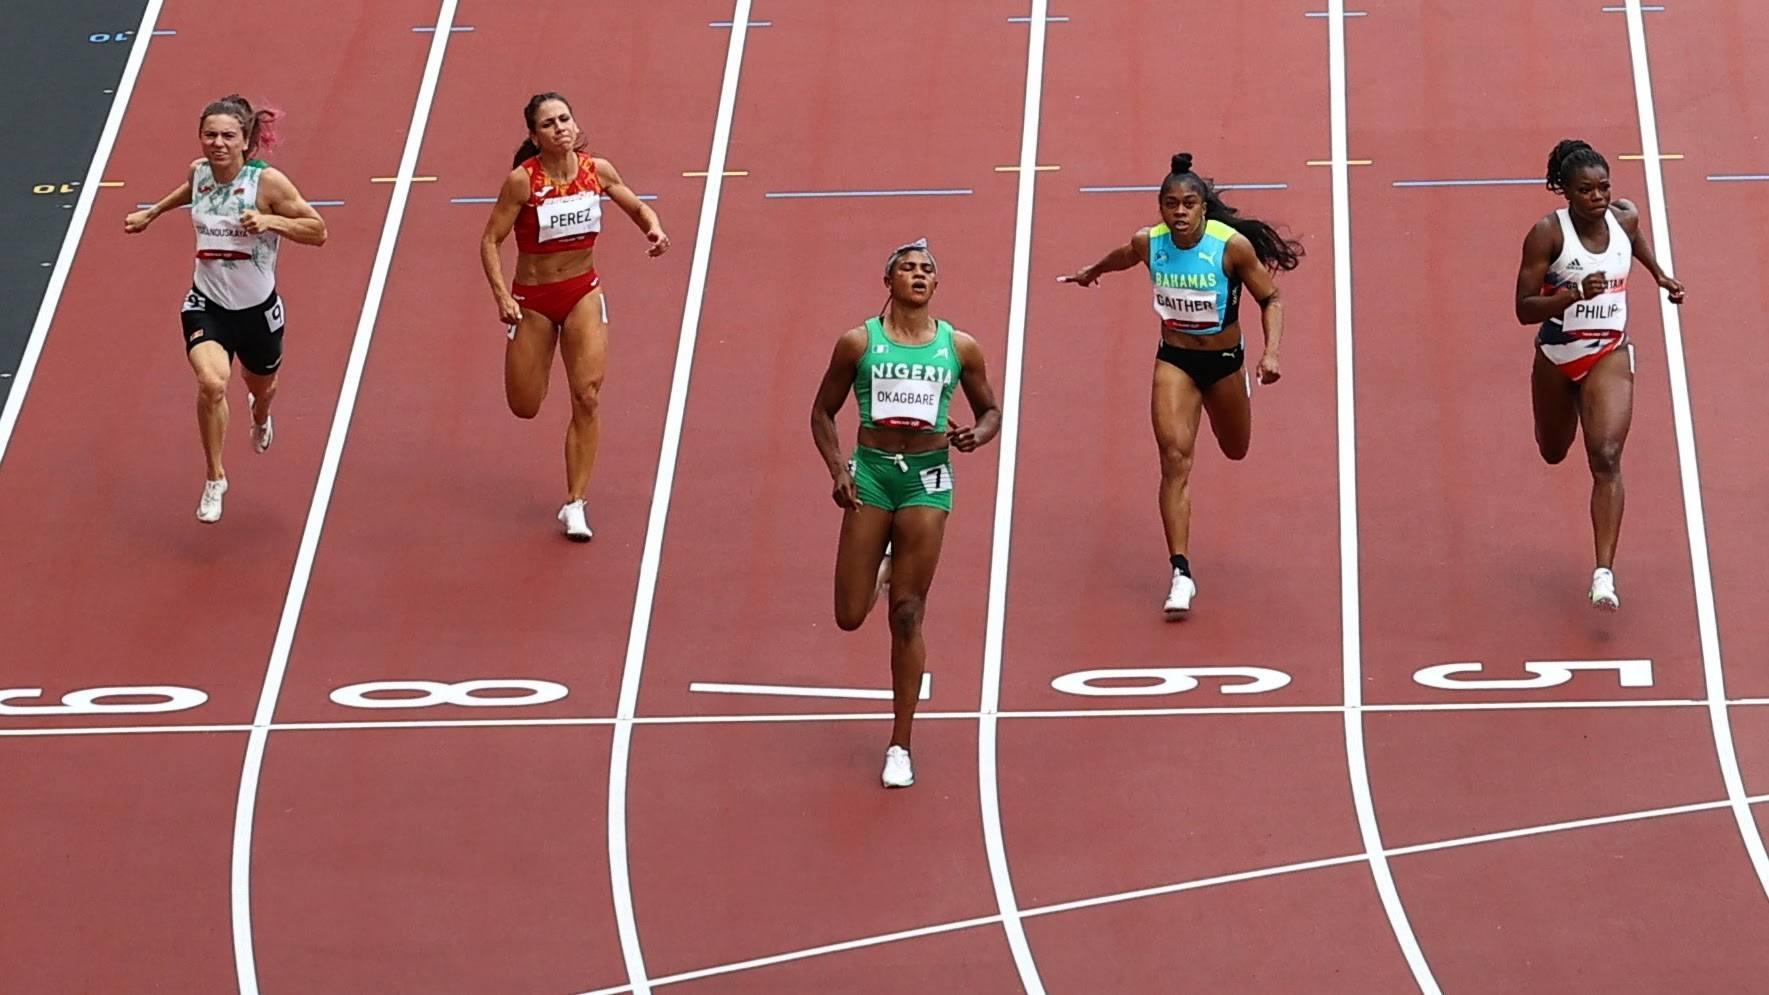 Okagbare về nhất ở Heat 1 vòng loại 100m nữ Tokyo 2020